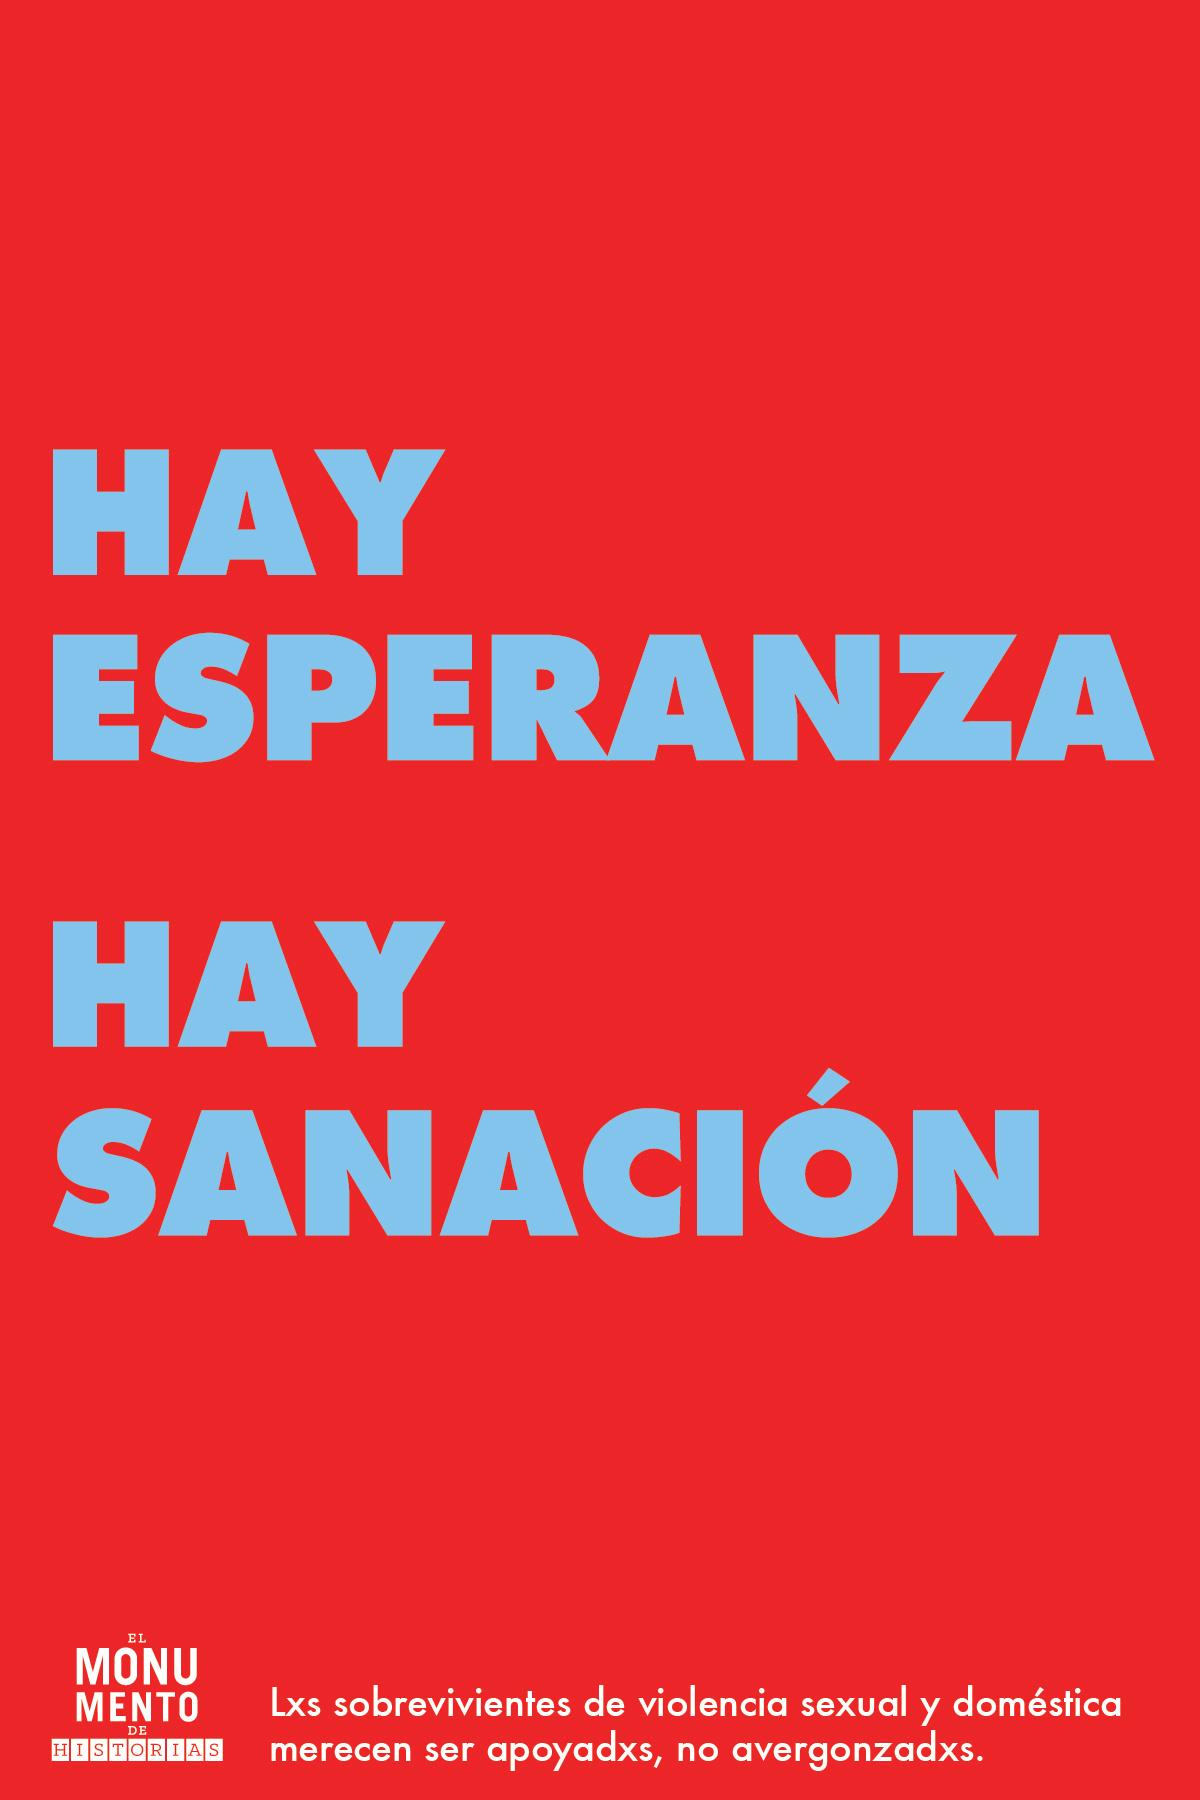 HAY ESPERANZA HAY SANACIÓN